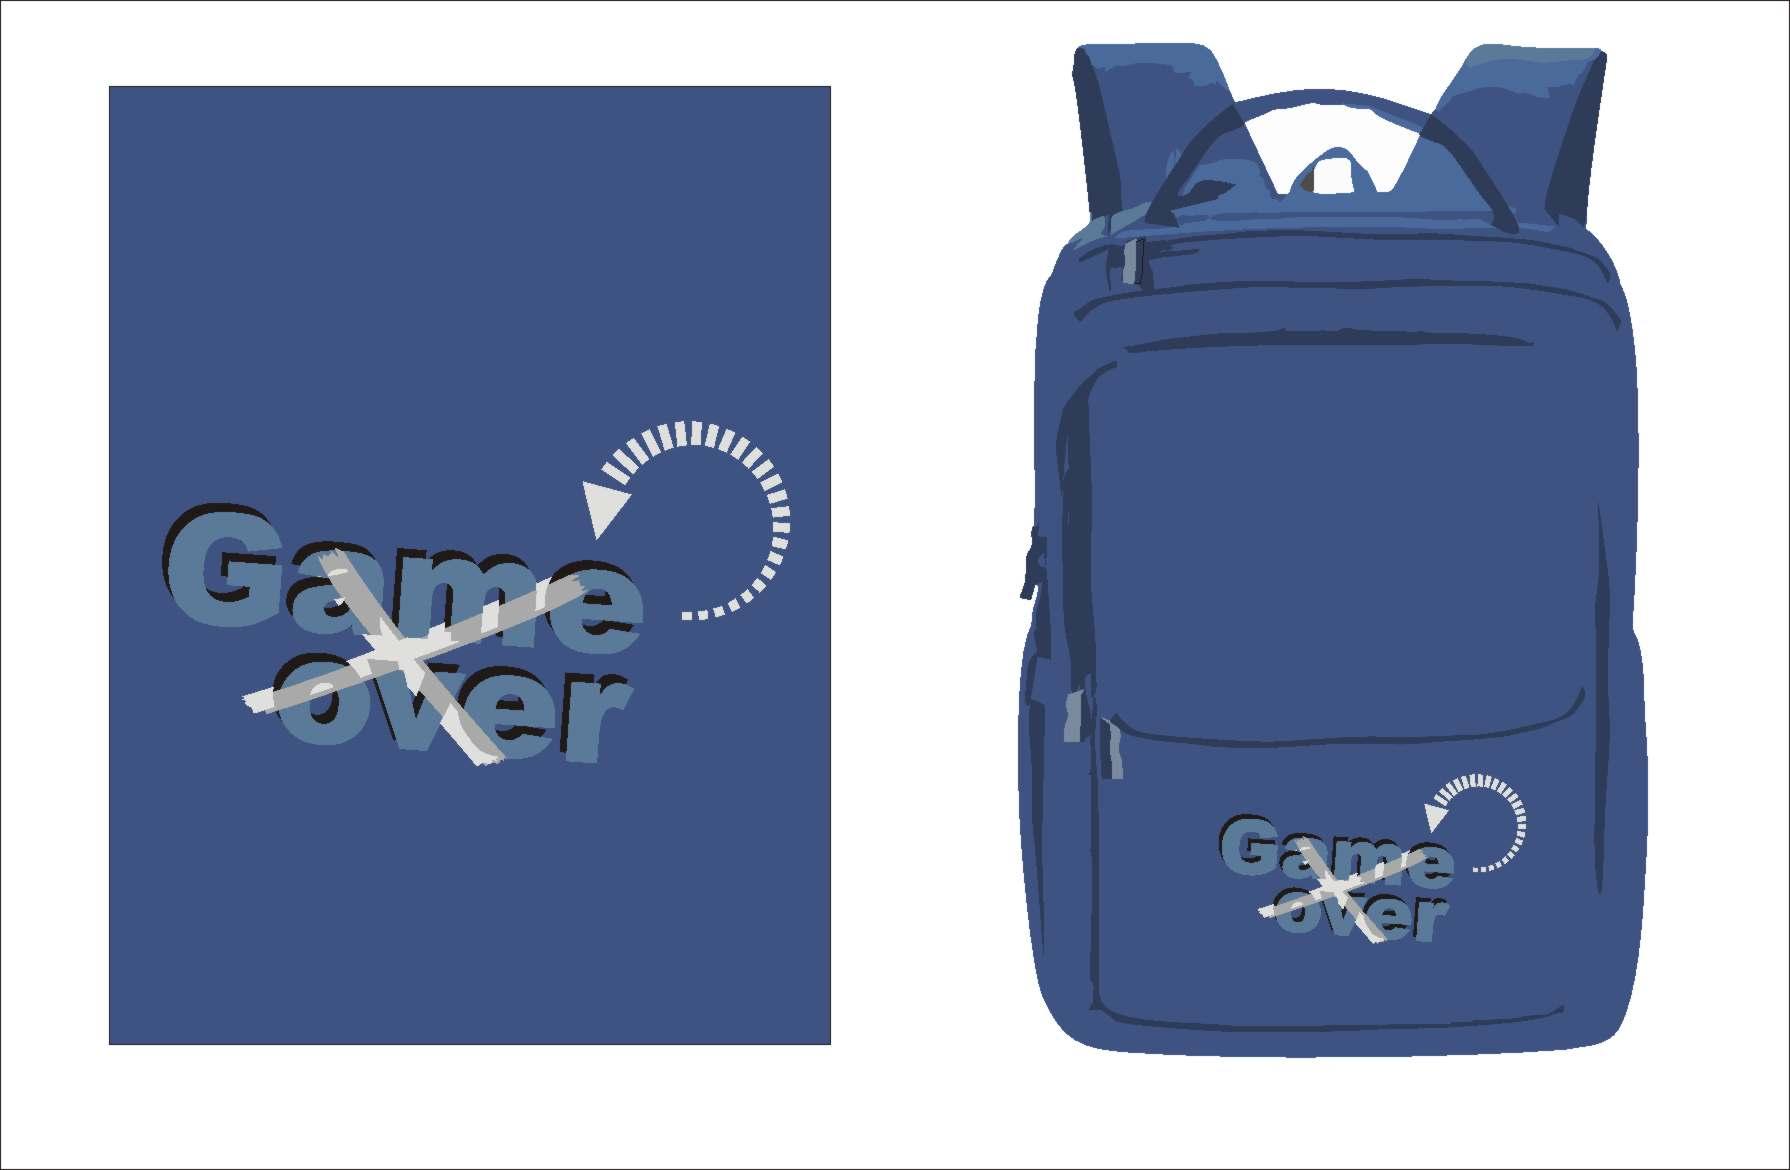 Конкурс на создание оригинального принта для рюкзаков фото f_0215f892ada8a980.jpg